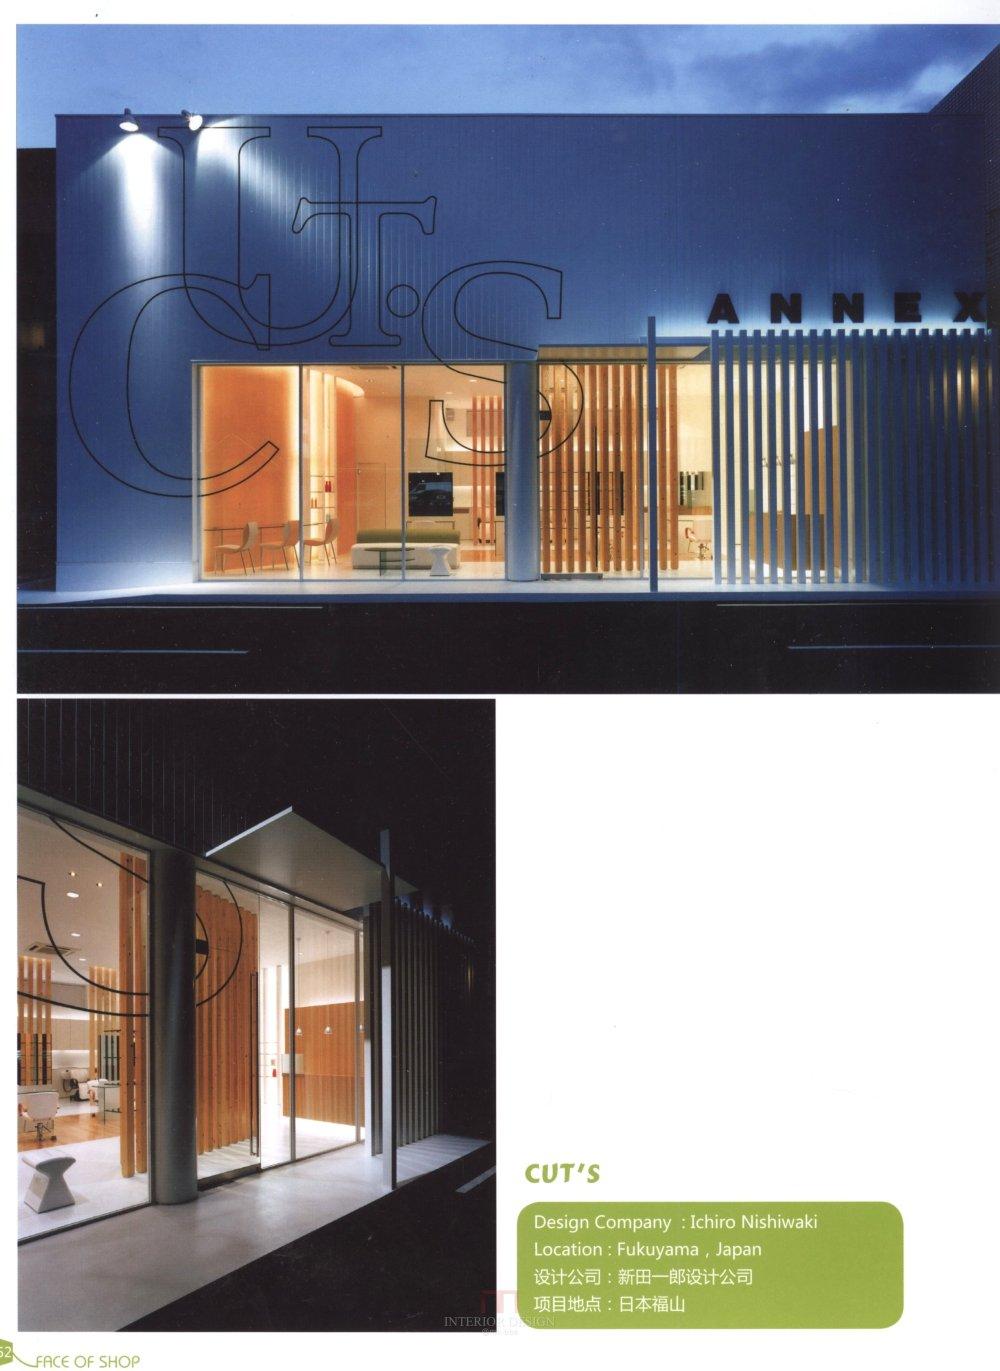 商业店铺、门头设计_kebi 0245.jpg